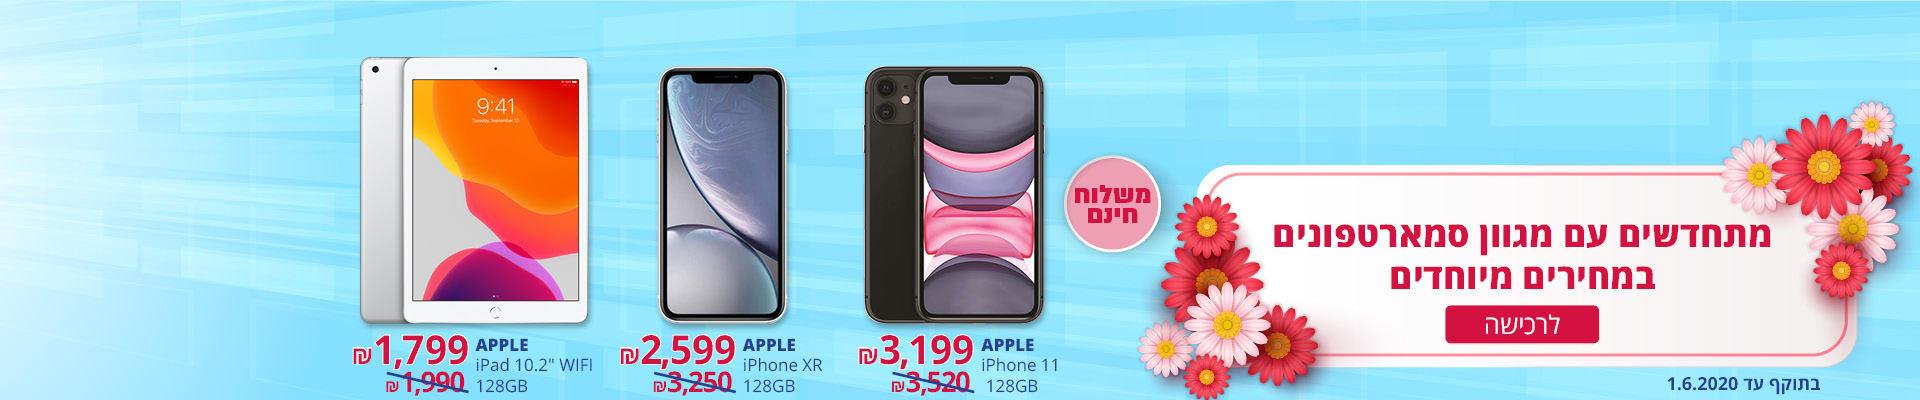 """מתחדשים עם מגוון סמארטפונים במחירים מיוחדים ומשלוח חינם! iPhone XR 128GB שחור/לבן ב-2599 ₪, 11 128GB iPhone שחור/לבן ב- 3199 ₪, iPad 10.2"""" 128GB WIFI שחור/כסוף ב-1799 ₪. בתוקף עד 1.6.2020."""